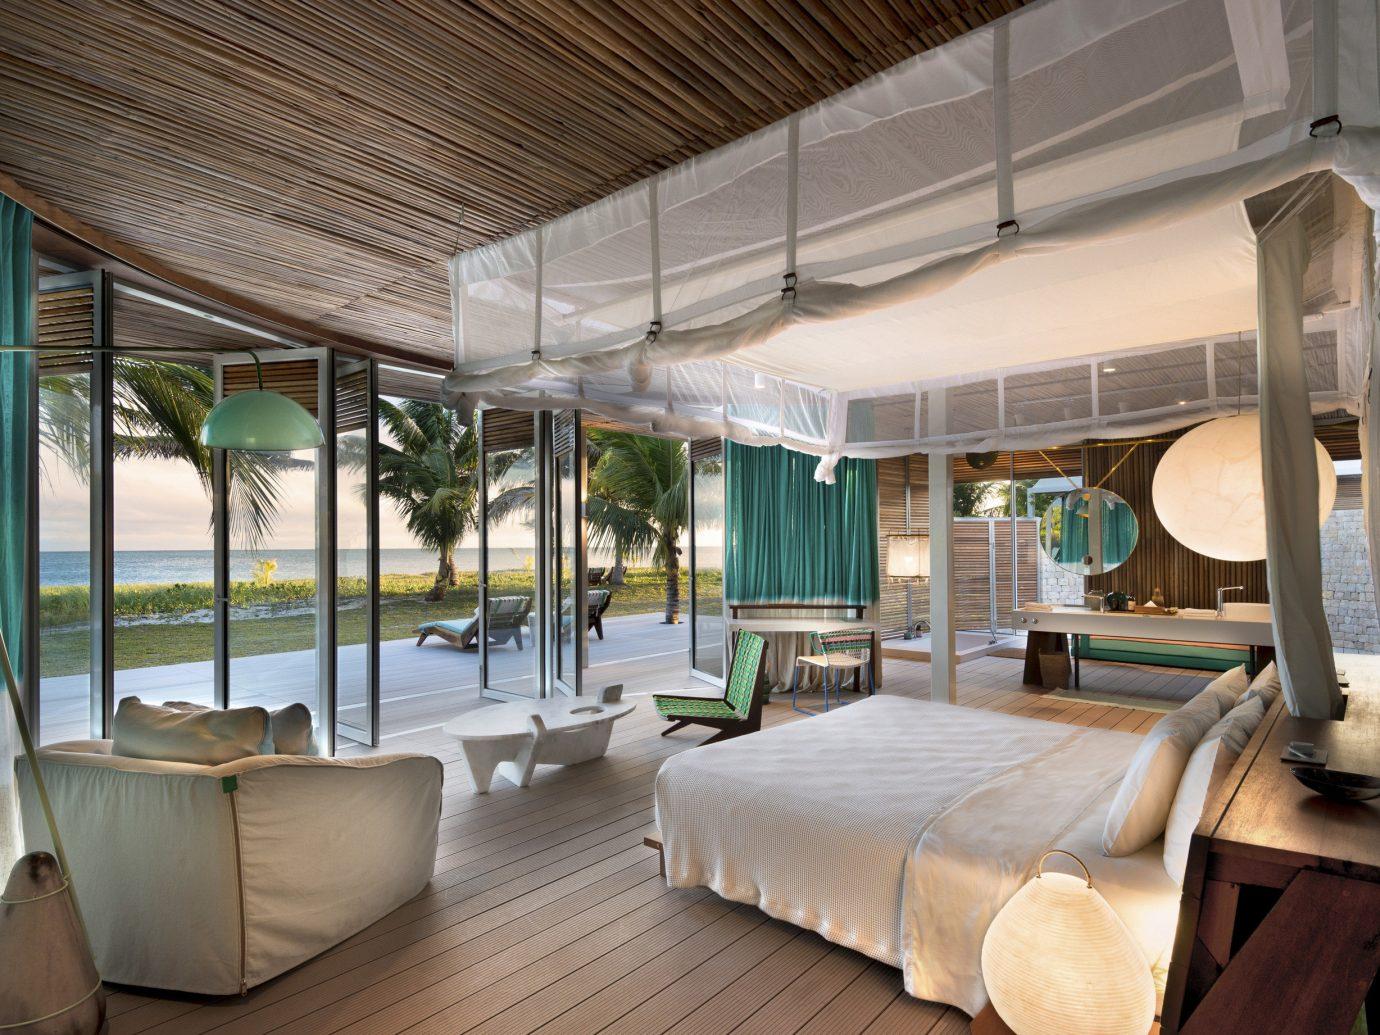 All-Inclusive Resorts Beach Boutique Hotels Hotels Luxury Travel indoor floor room interior design bed Bedroom ceiling real estate estate window hotel condominium house penthouse apartment interior designer furniture